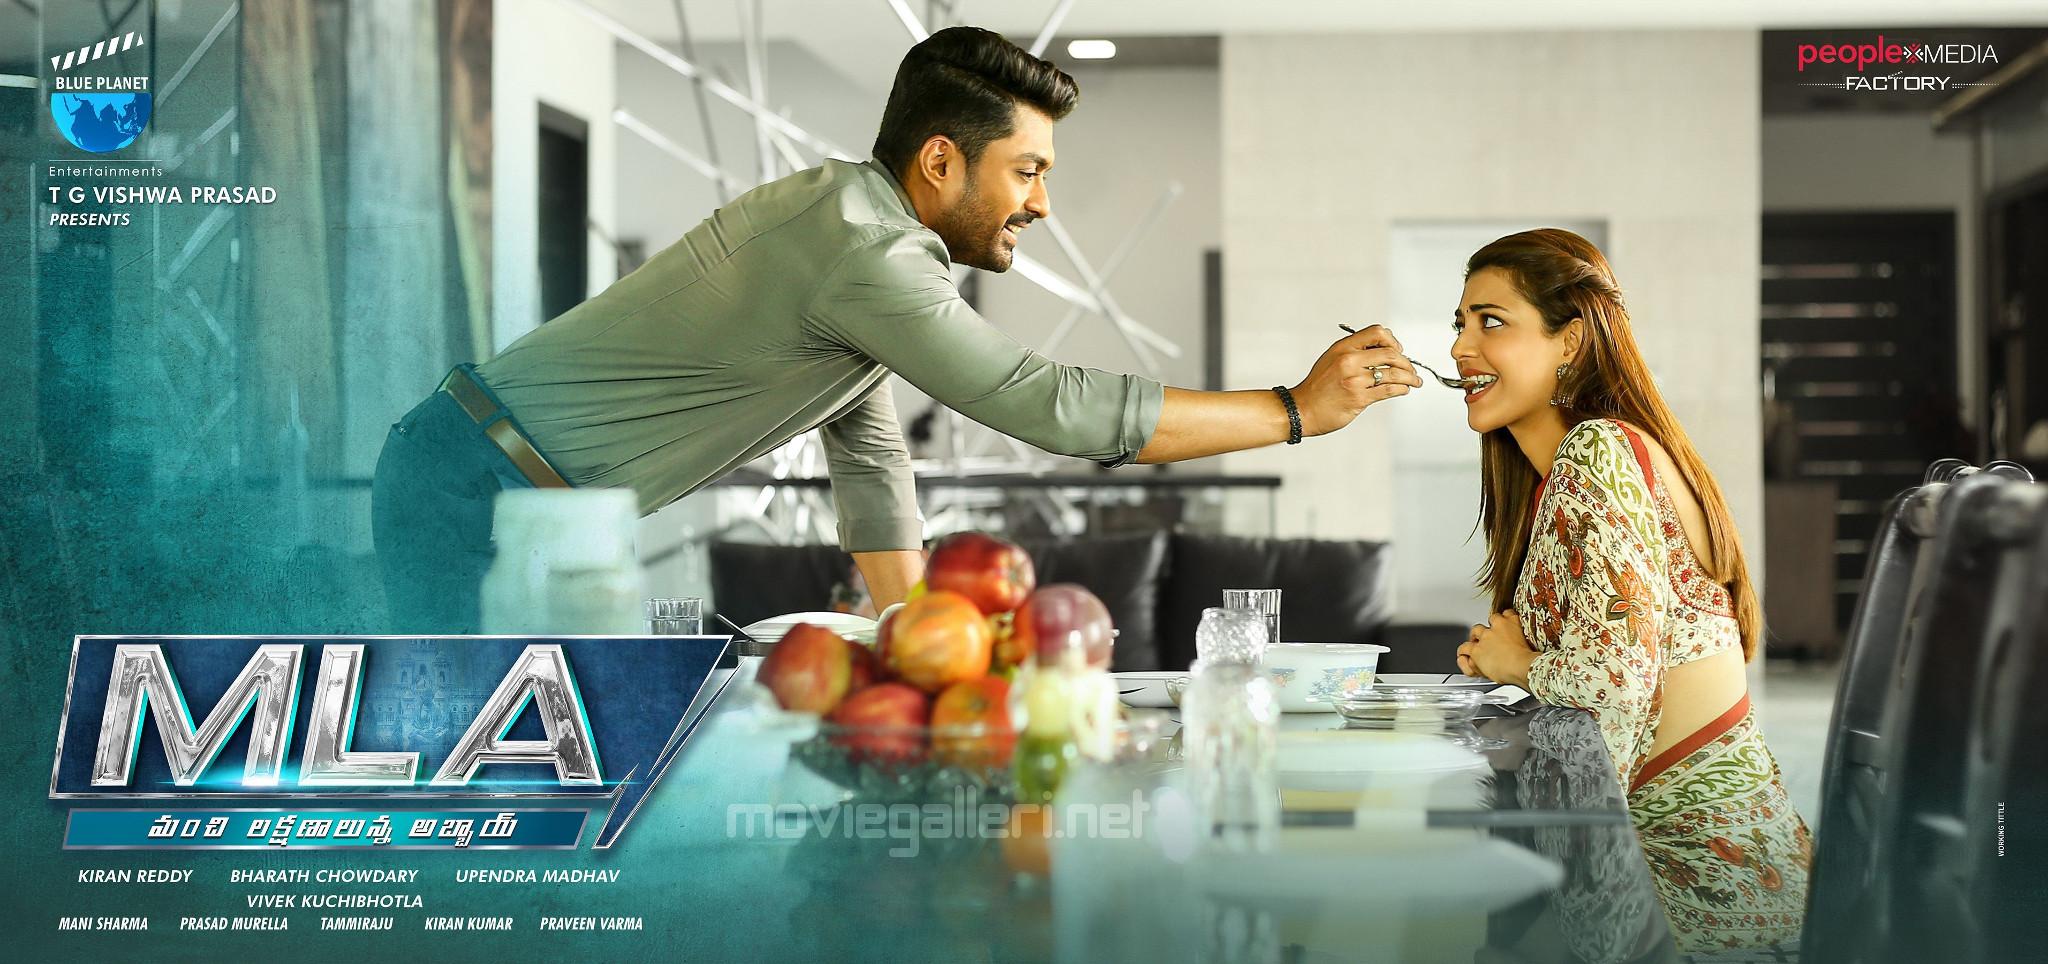 Nandamuri Kalyan Ram Kajal Aggarwal MLA Movie New Wallpaper HD